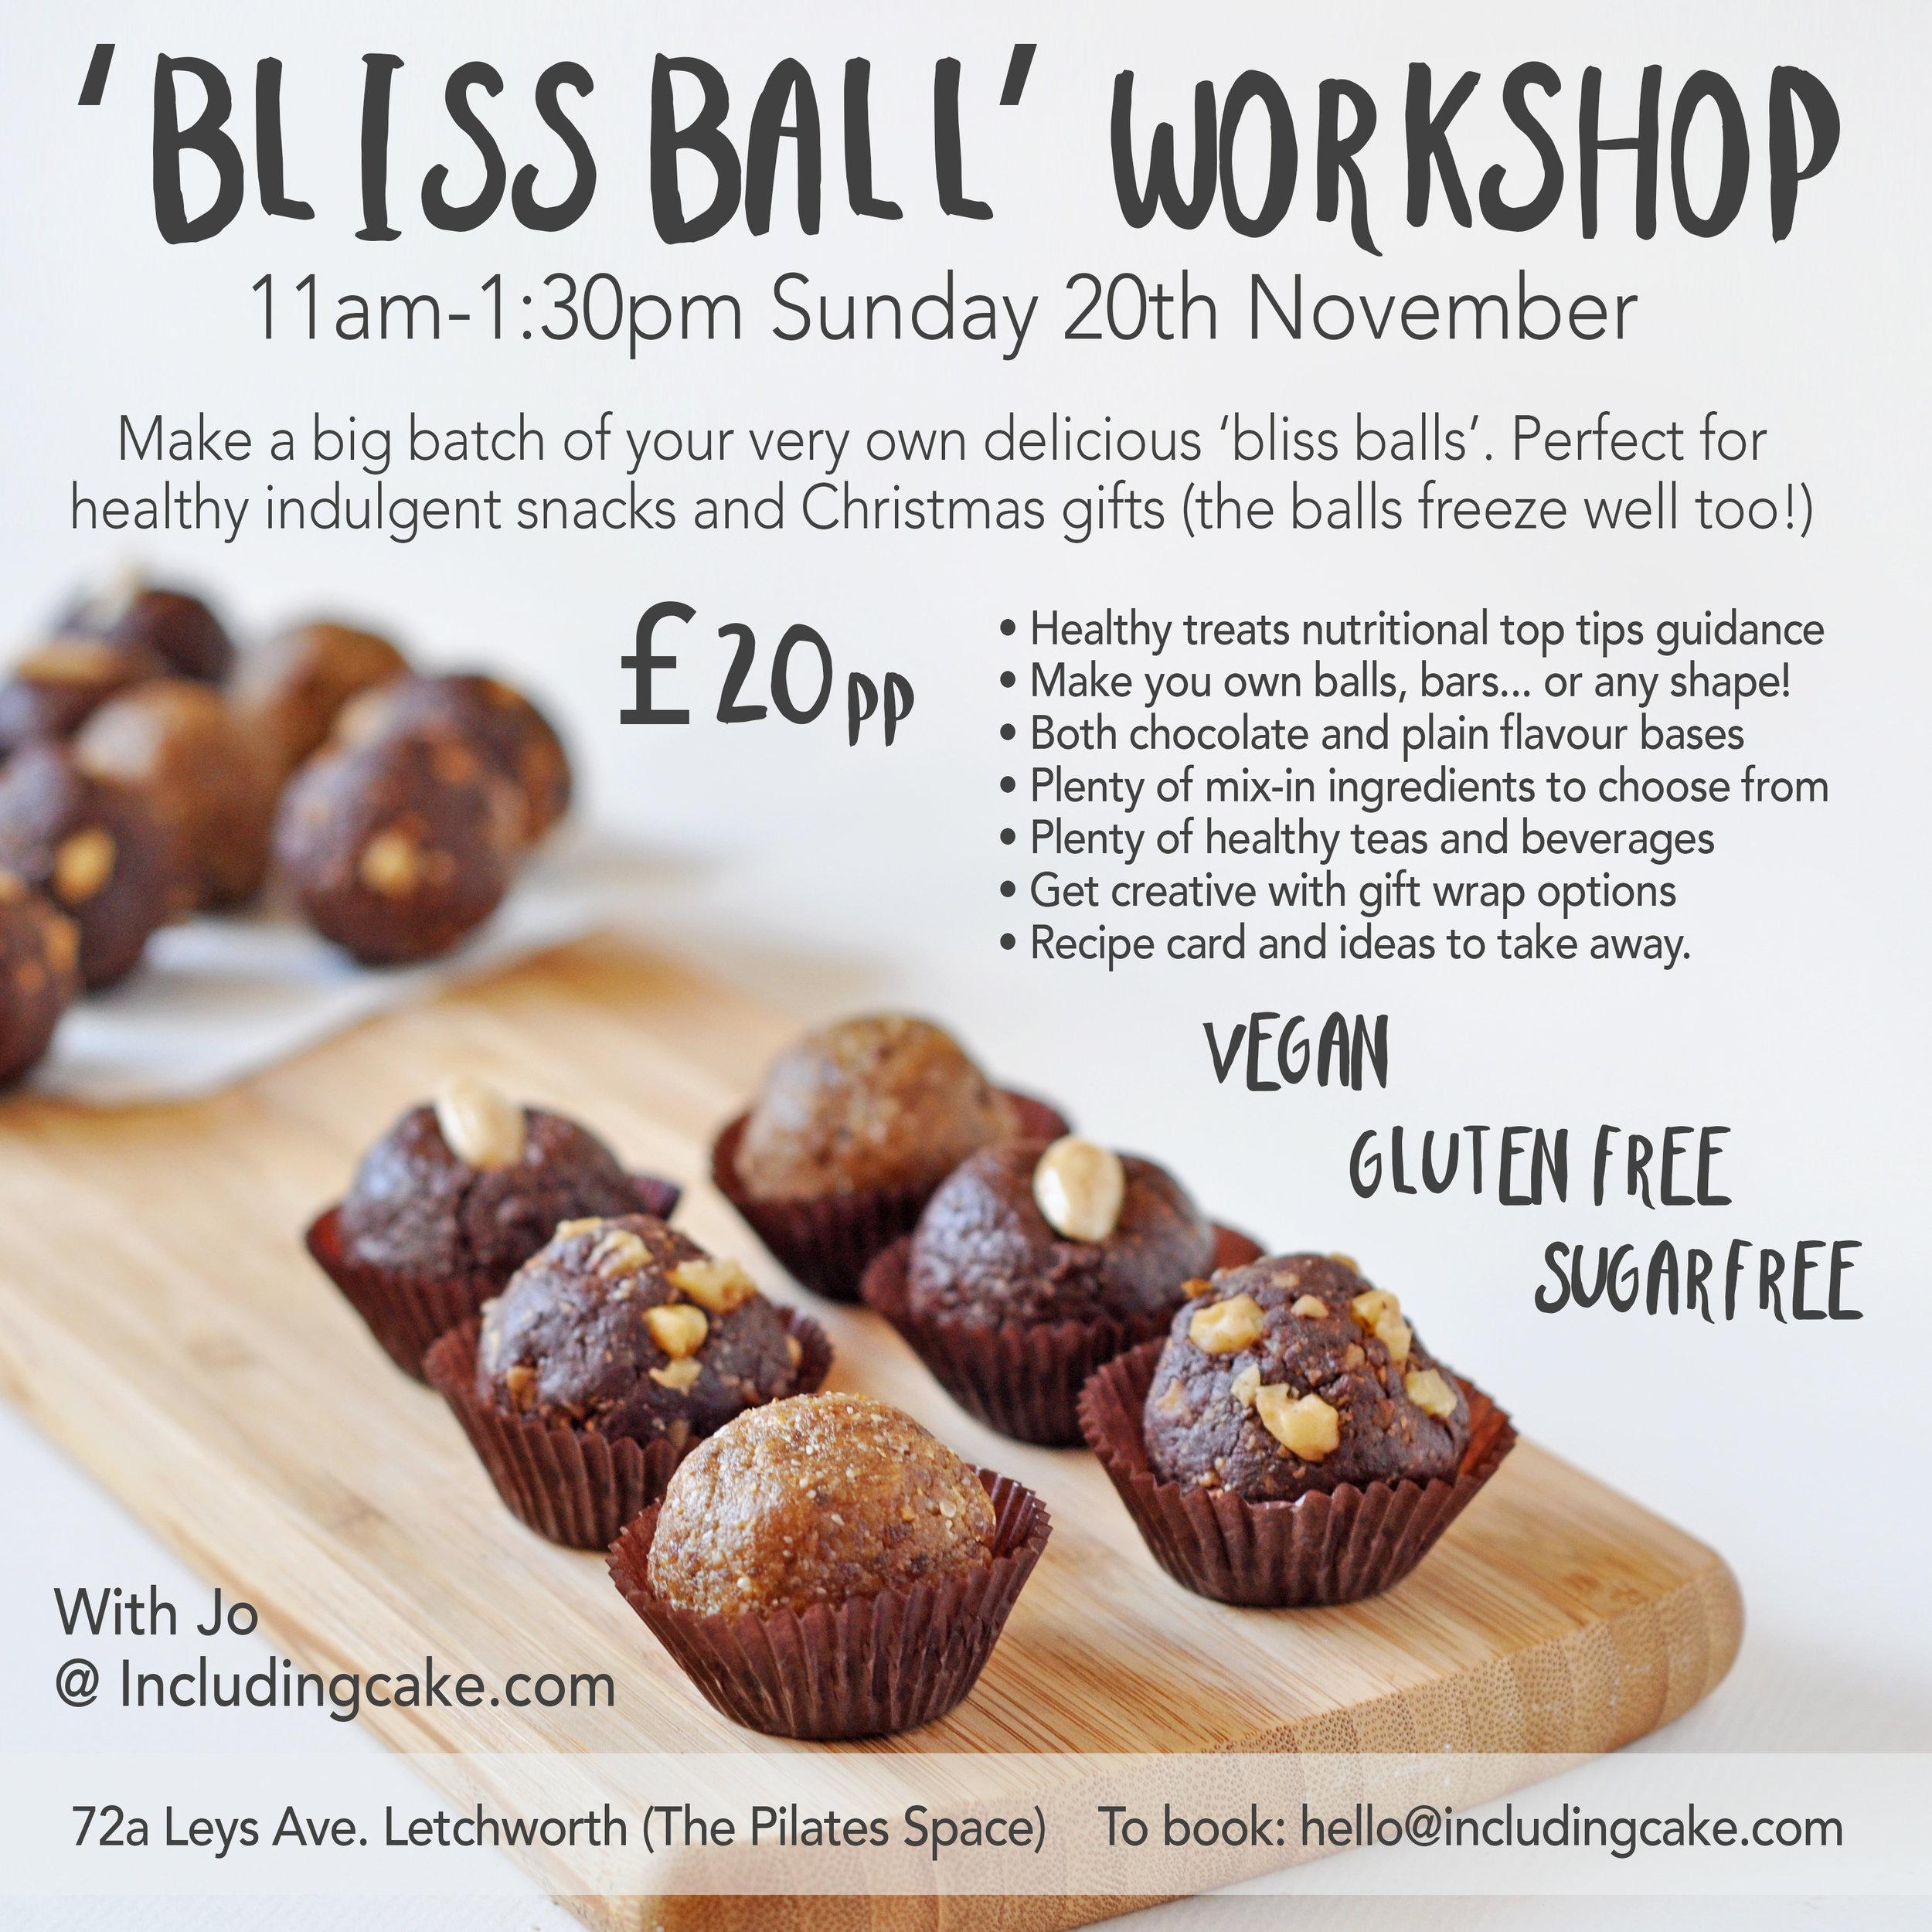 bliss ball workshop.jpg